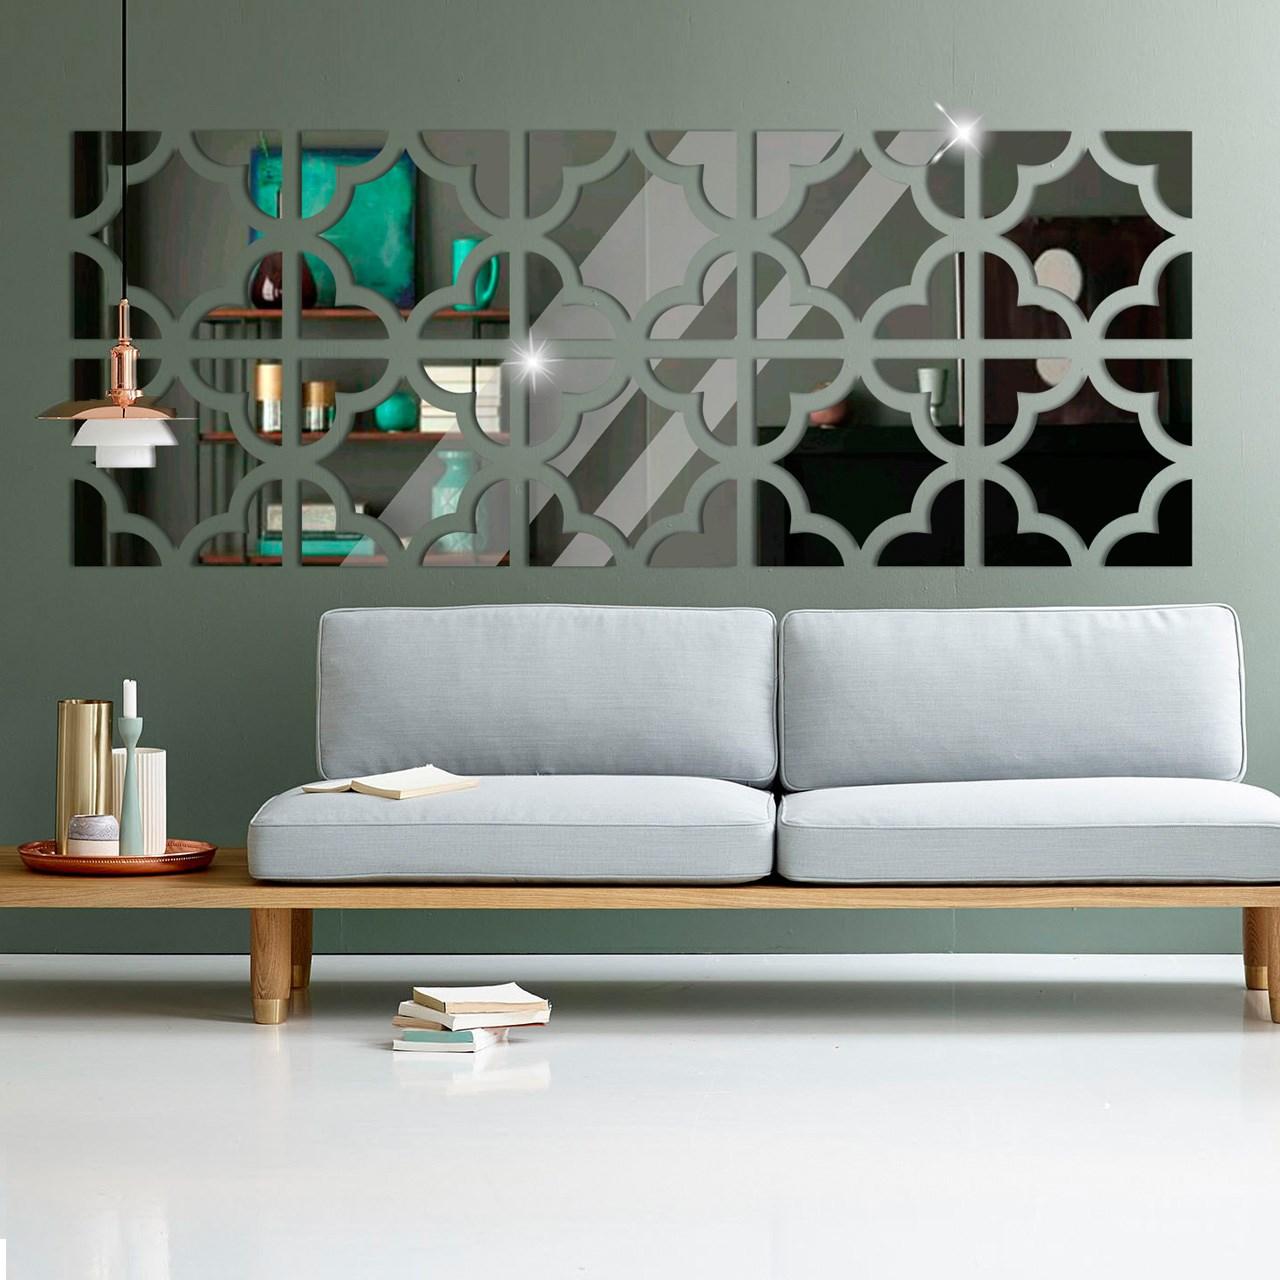 قیمت مولتی استایل طرح آینه کارا دیزاین مدل A01 سا